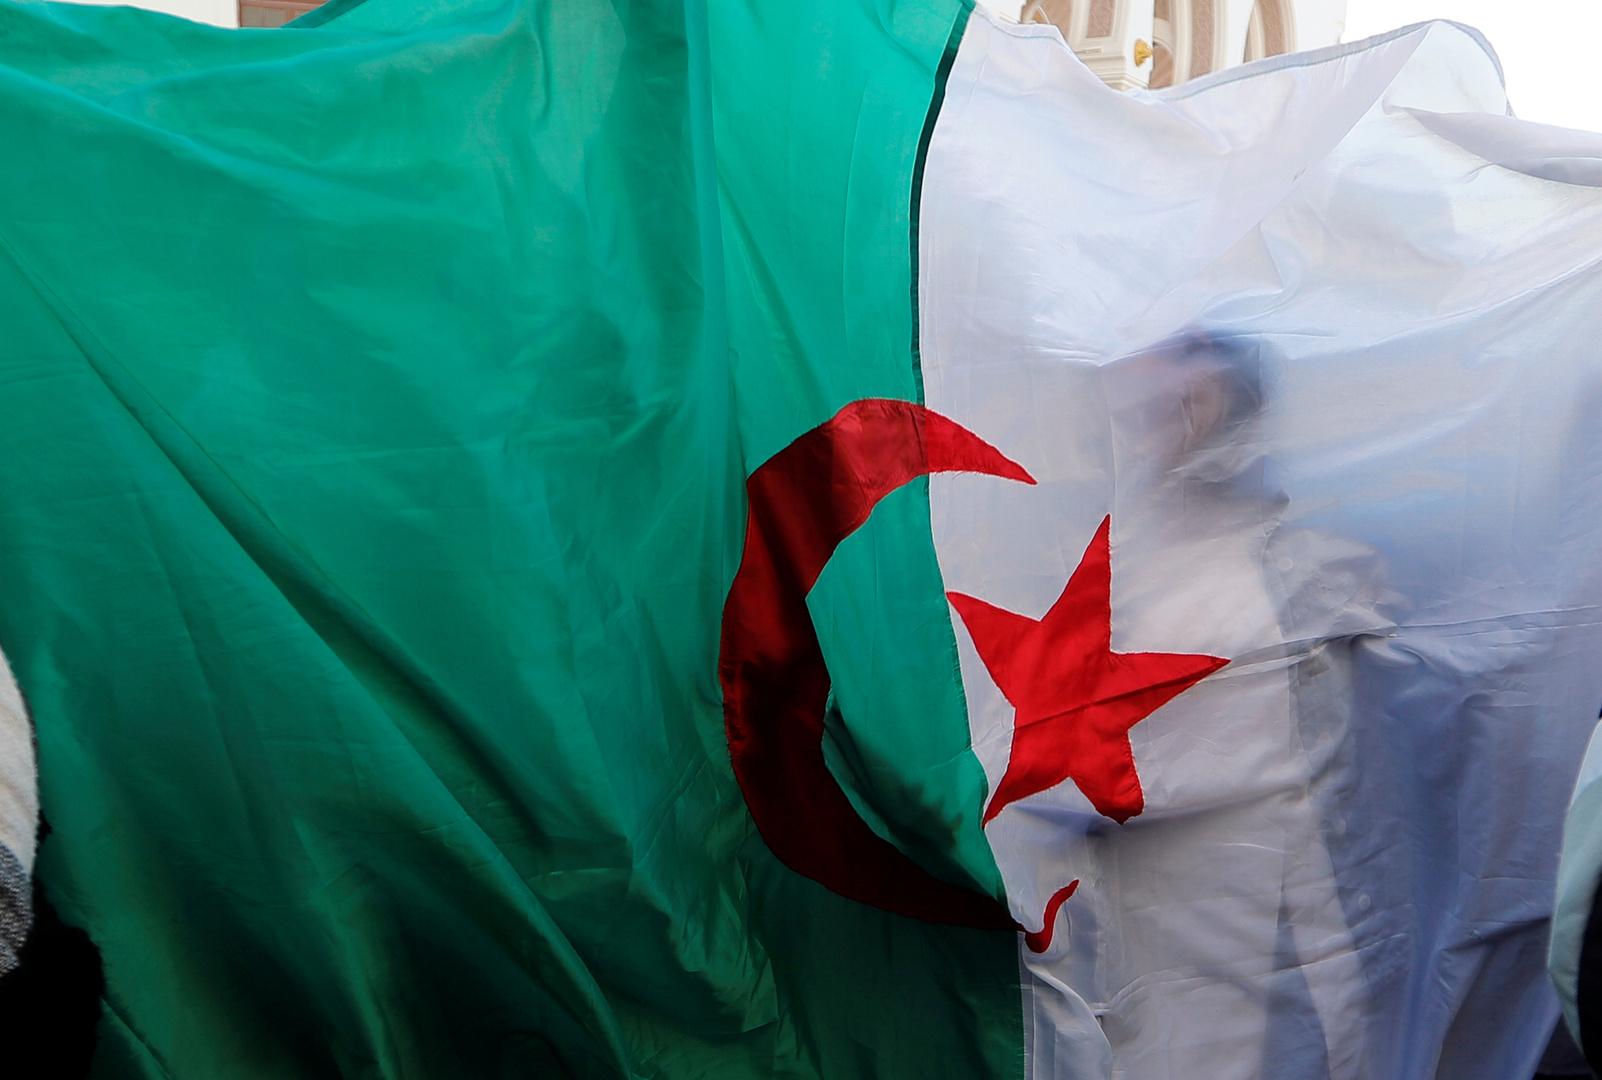 خارجية الجزائر: لن ندخر جهدا لإنجاح المصالحة الليبية